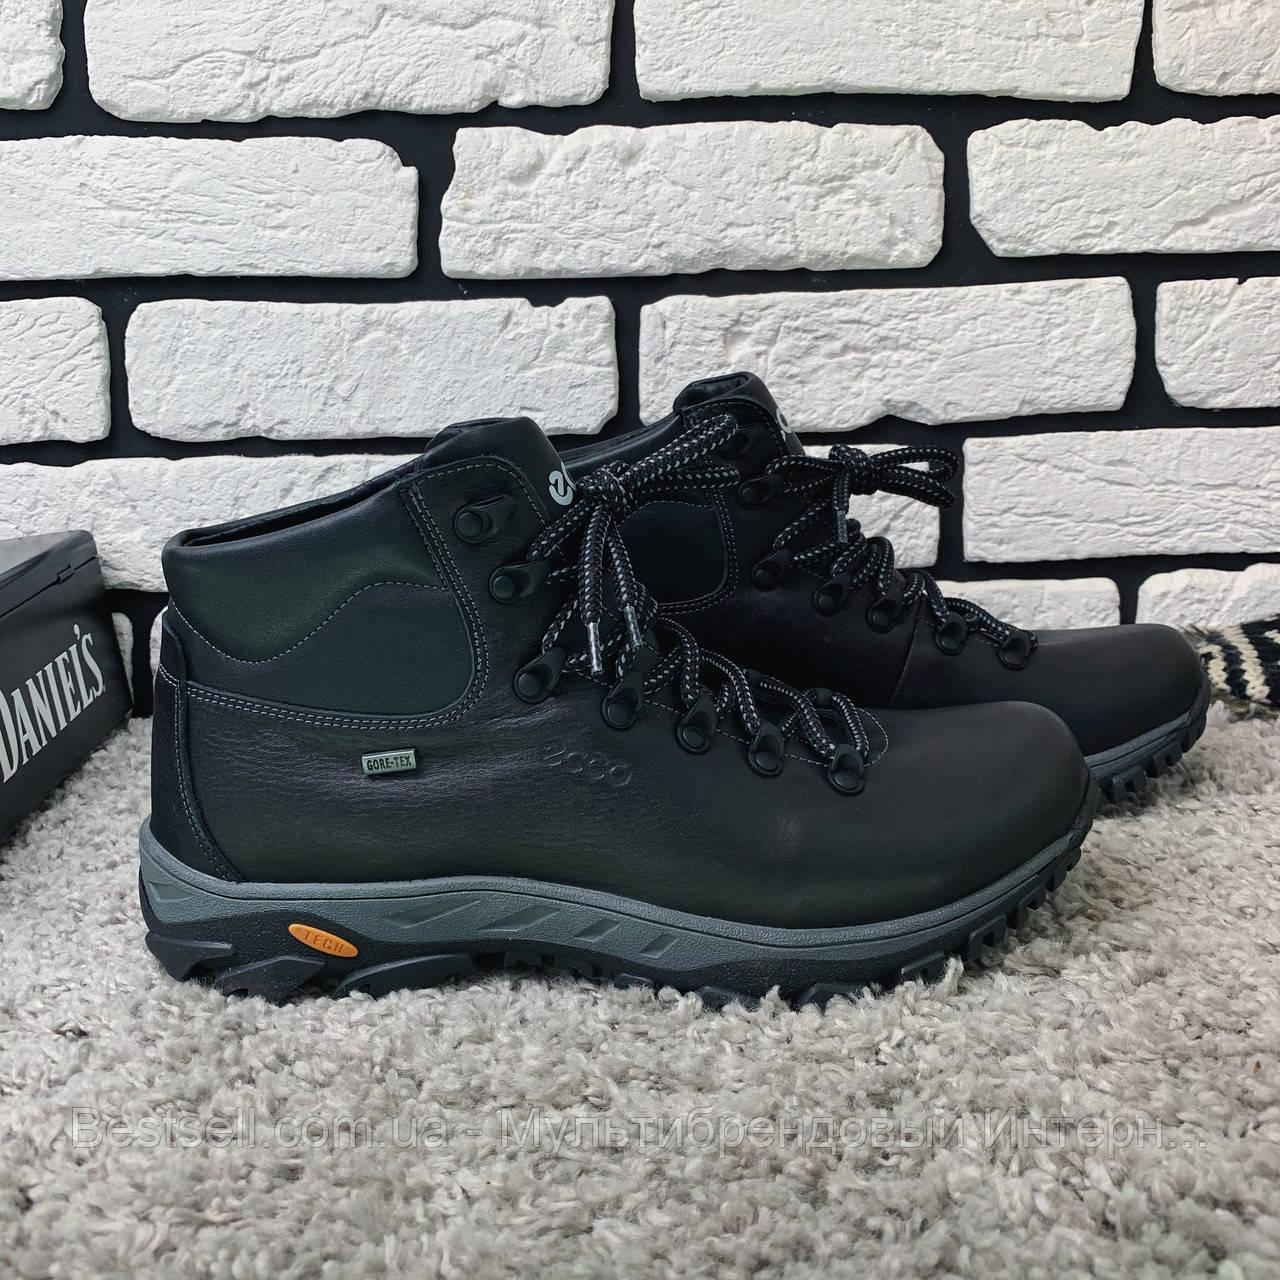 Зимові черевики (на хутрі) ECCO 13040 ⏩ [ 43 останній розмір ]